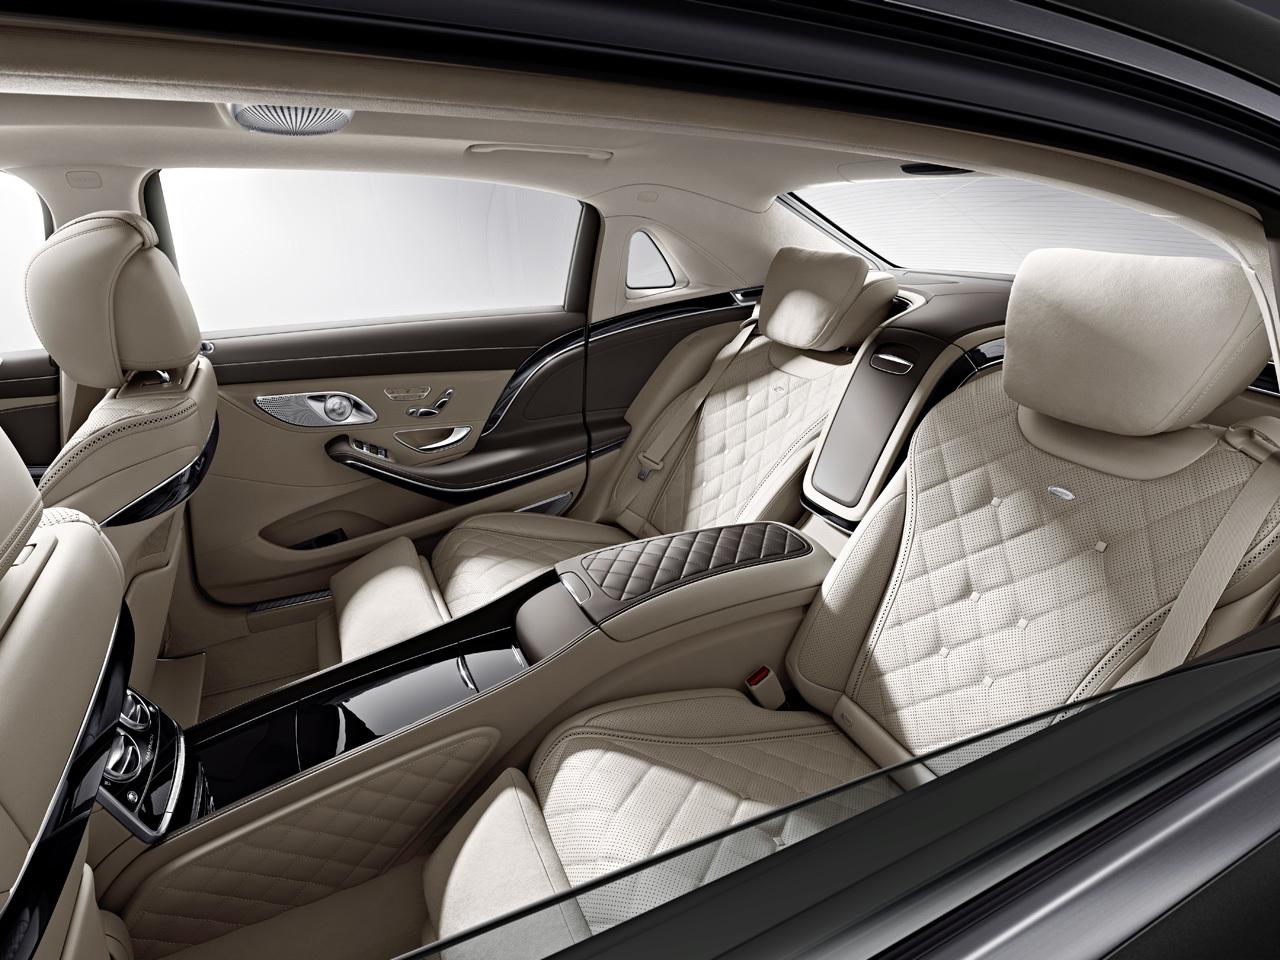 Mercedes-Maybach lộ diện nội thất cực sang trọng